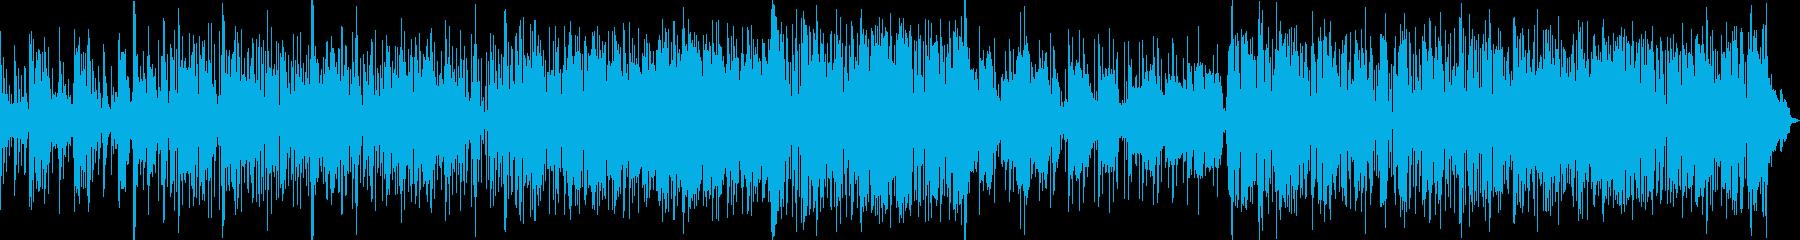 世界 感情的 静か ハイテク 気分...の再生済みの波形